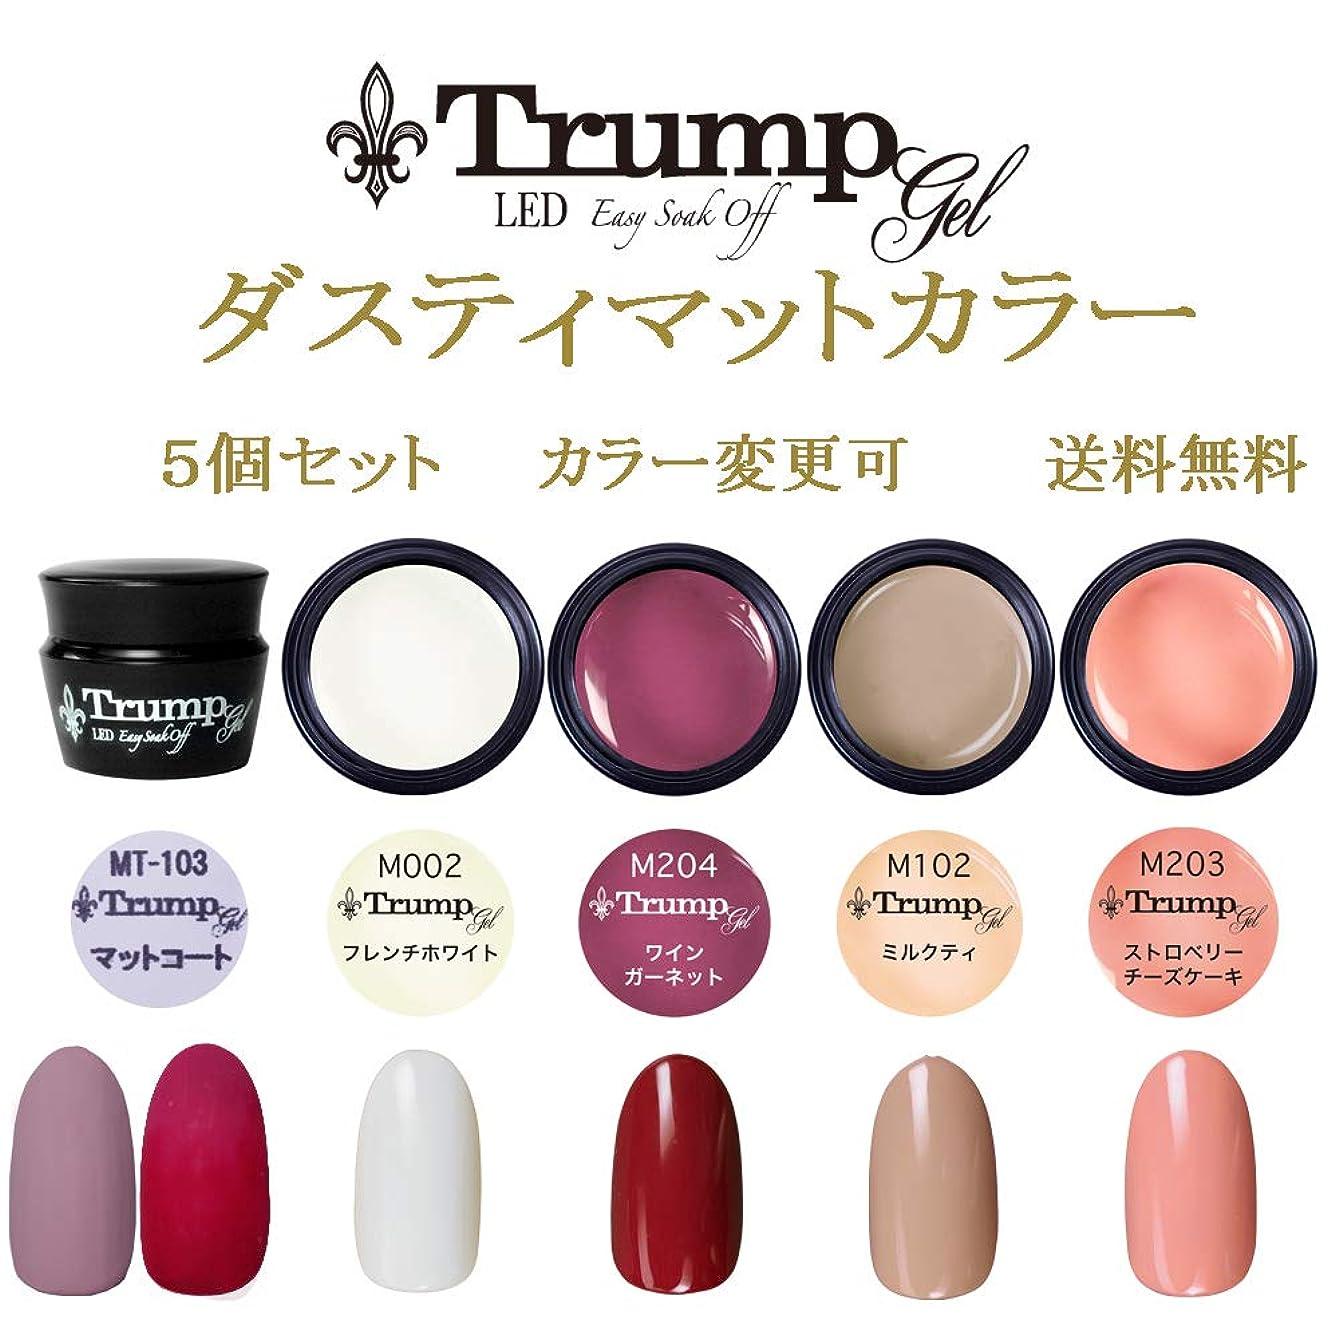 人口破壊的反毒【送料無料】日本製 Trump gel トランプジェル ダスティマット カラージェル 5個セット 魅惑のフロストマットトップとマットに合う人気カラーをチョイス